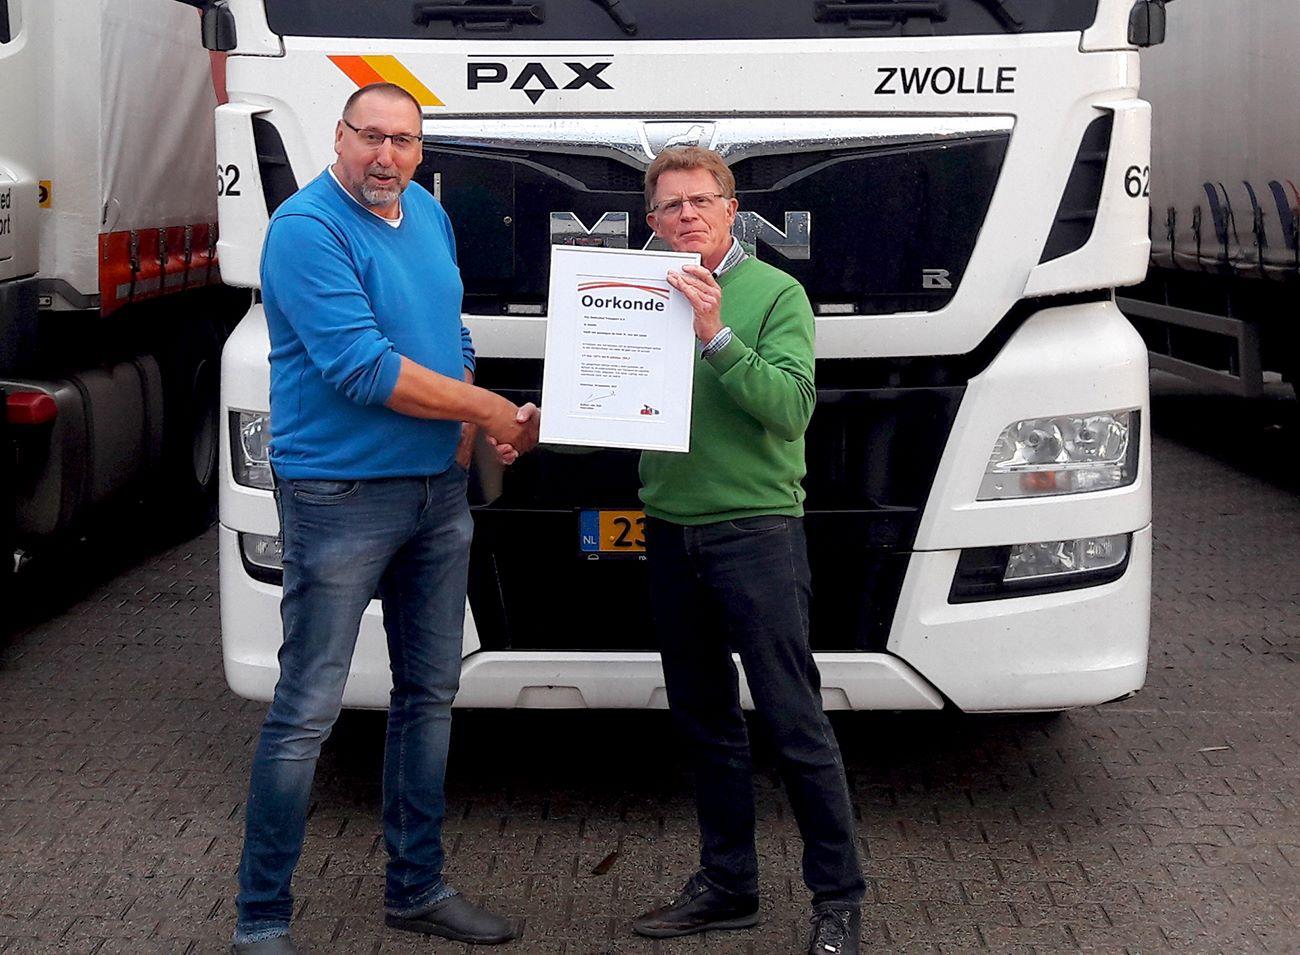 Mannes-van-der-Linde-is-al-bijna-20-jaar-onderweg-voor-PAX-Dedicated-Transport